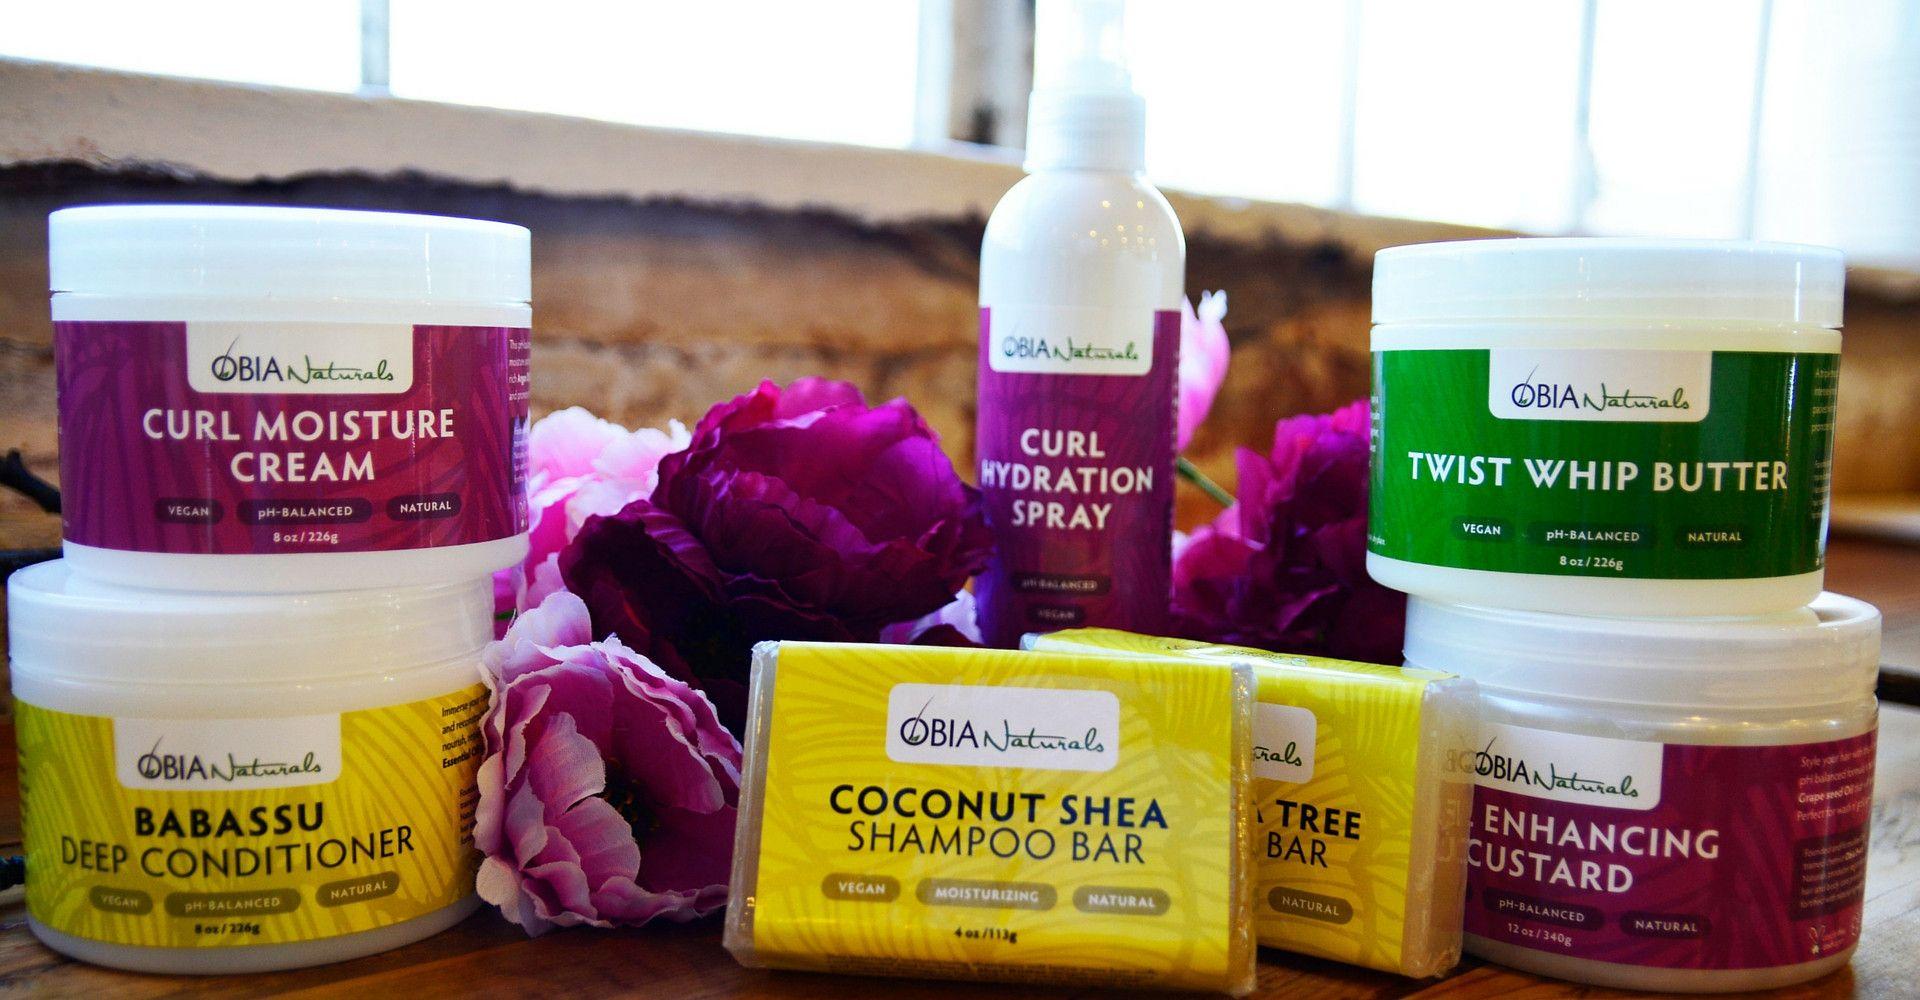 Obia Naturals Vegan Natural Hair Care Products Ph Balanced